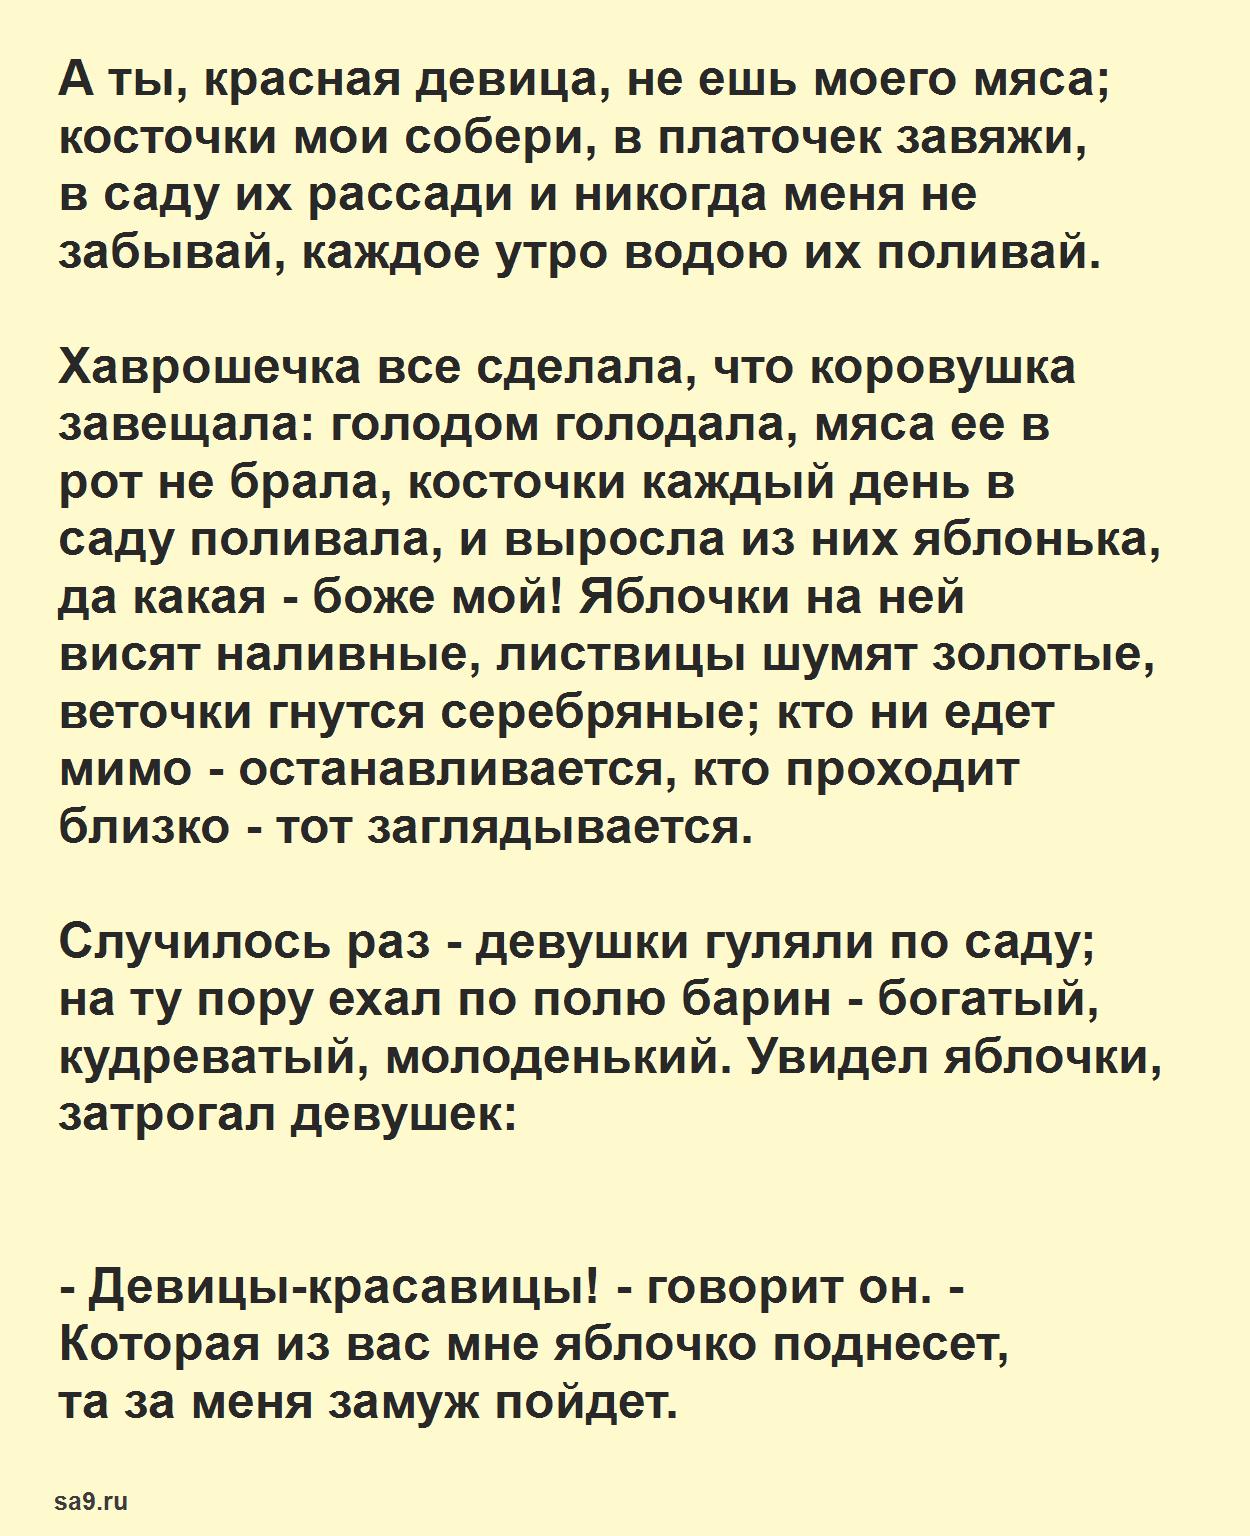 Крошечка-Хаврошечка - русская народная сказка, читать полностью